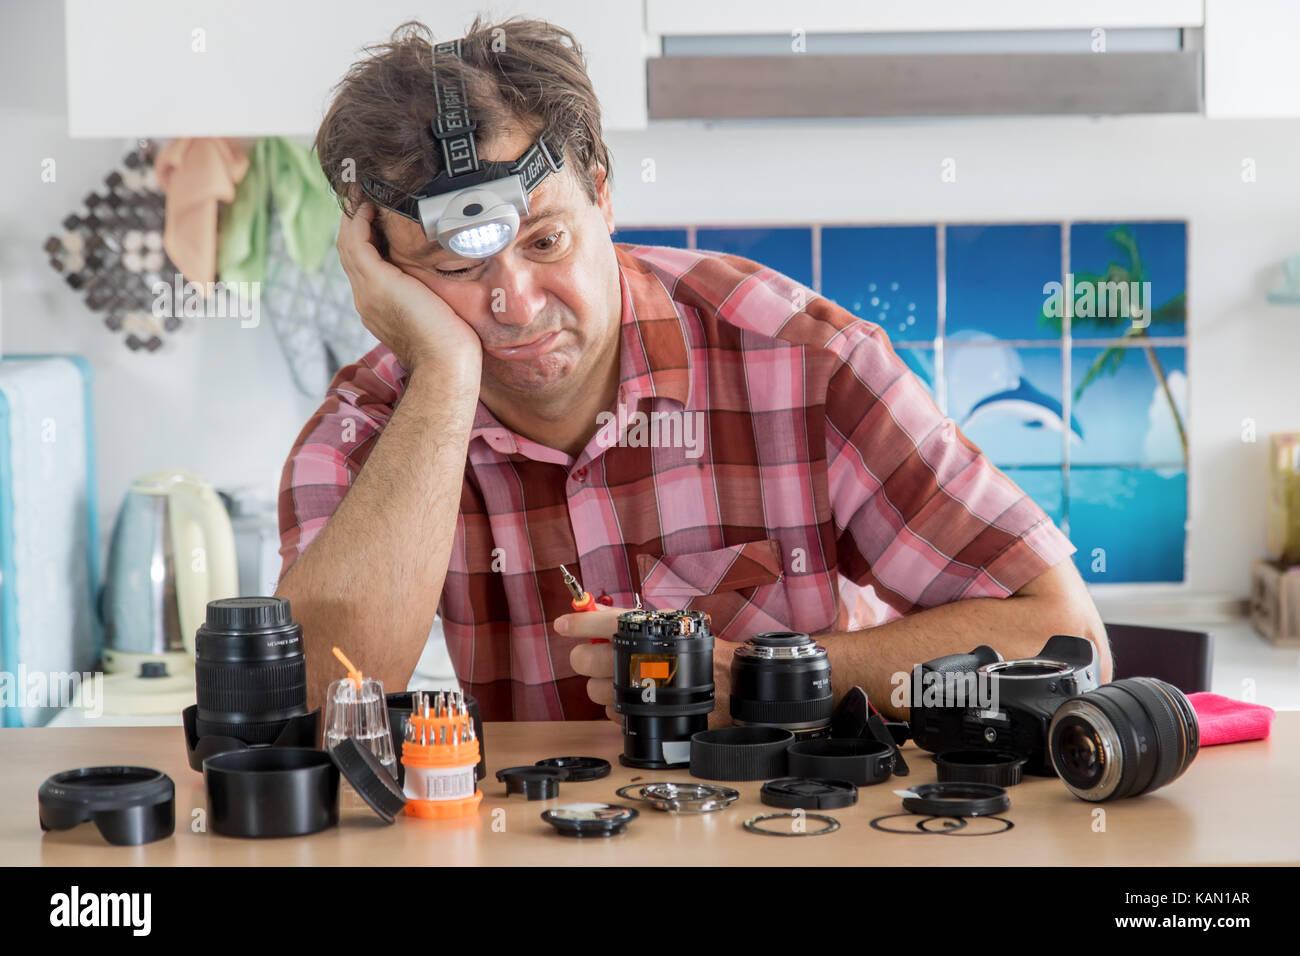 Amateur Fotograf versucht sein Objektiv zu reparieren. Ein hobby Amateur das Gerät einer digitalen Kamera reinigt. Stockbild